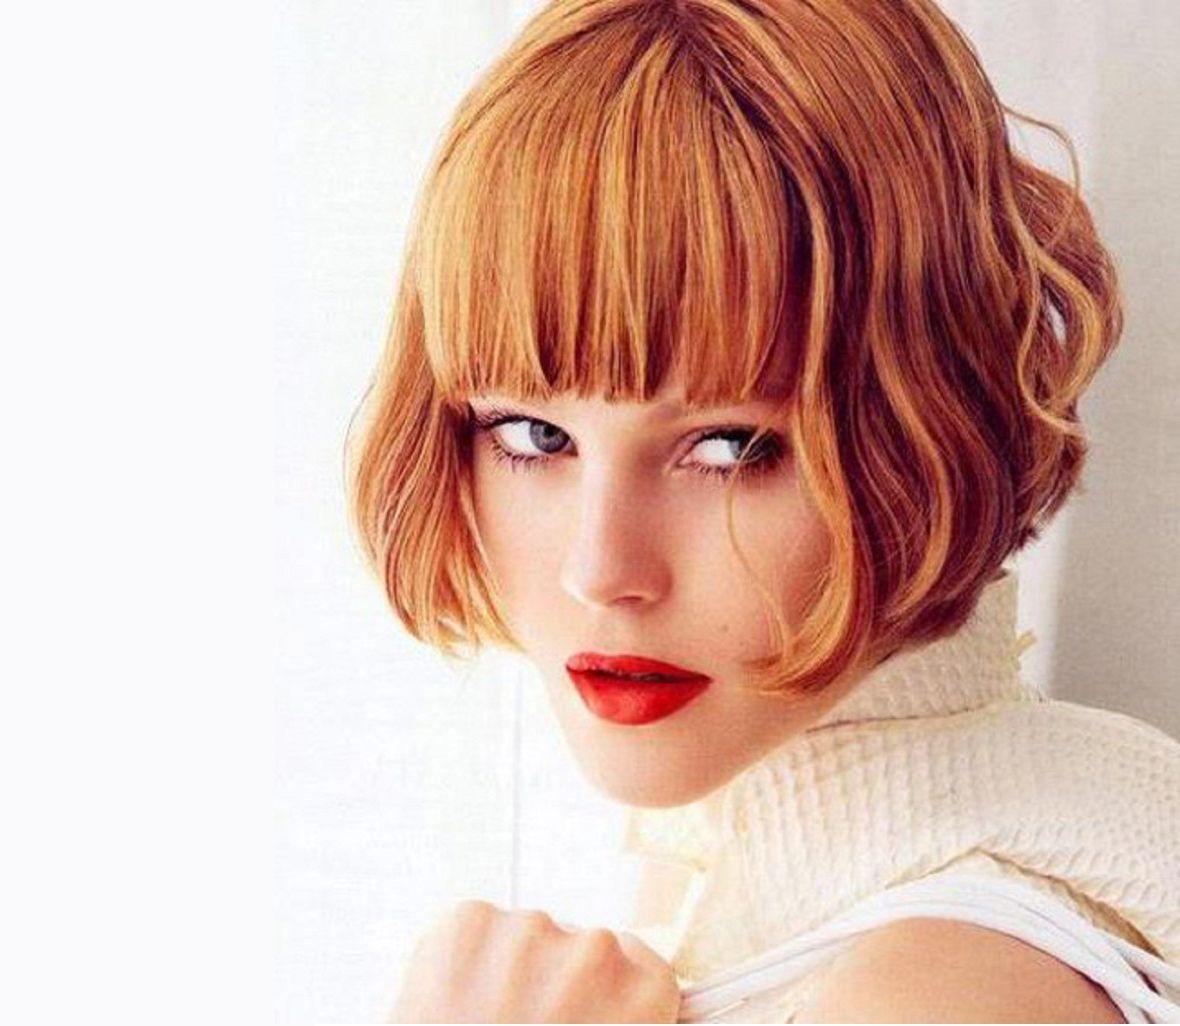 Coupez Votre Frange Vous Meme Beauteimparfaite Com Cheveux Courts Coupe De Cheveux Courte Coiffure